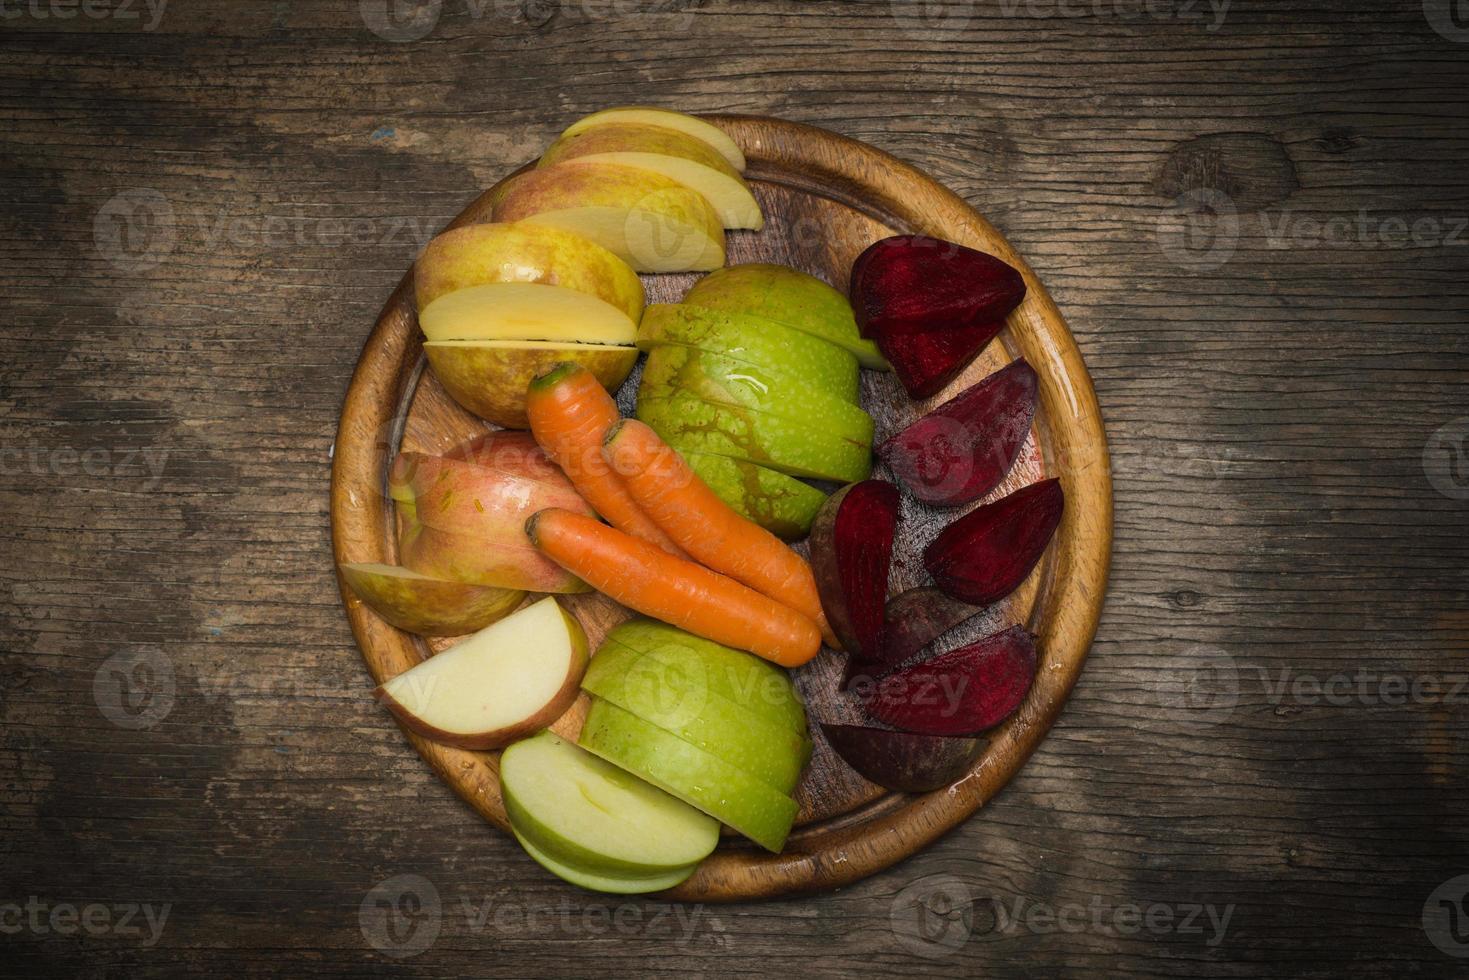 rode biet, wortelen en appel foto